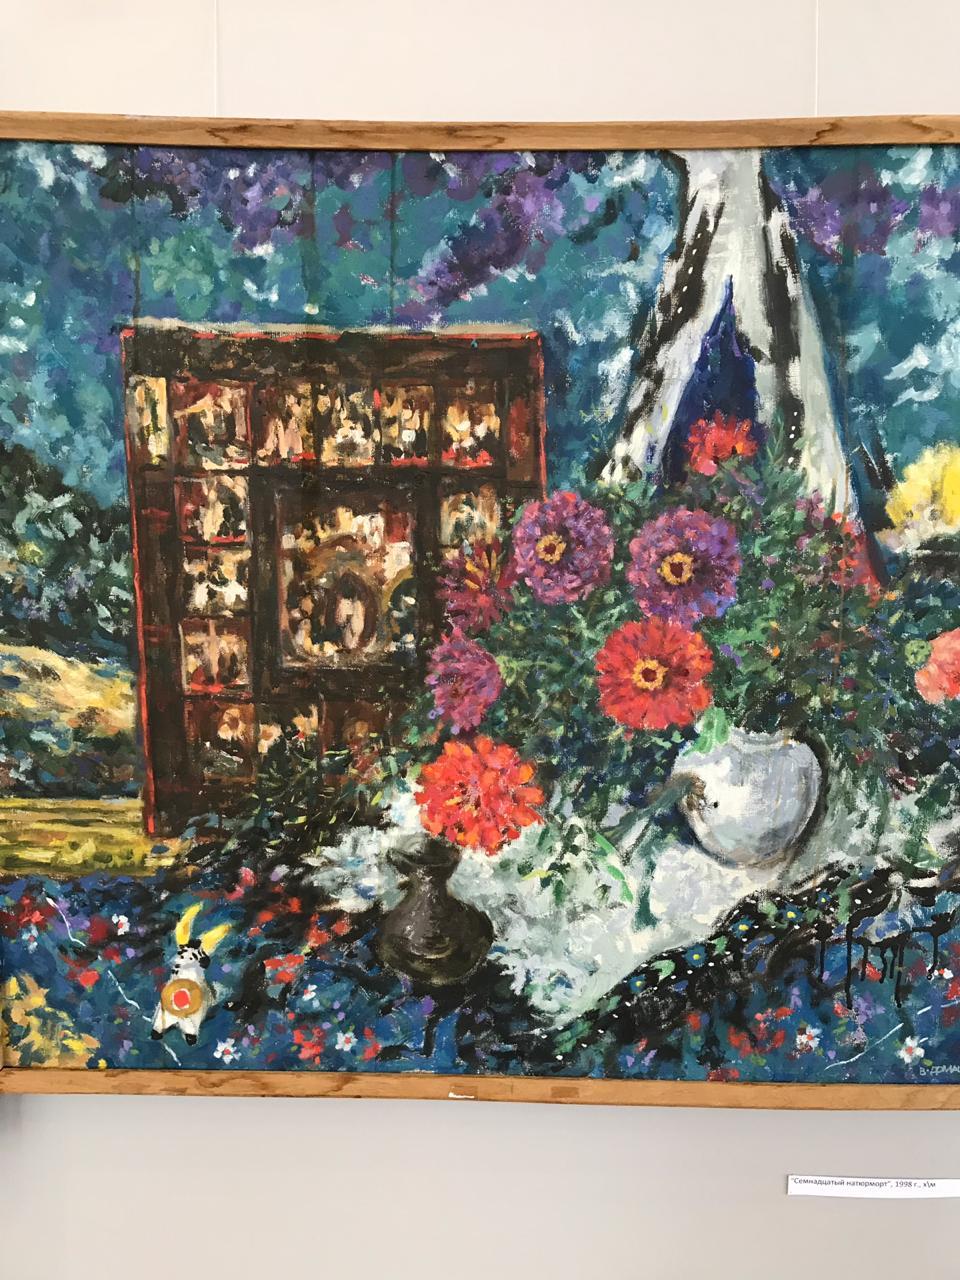 Продолжая художественную династию: открытие персональной выставки башкирского живописца Виктора Домашникова